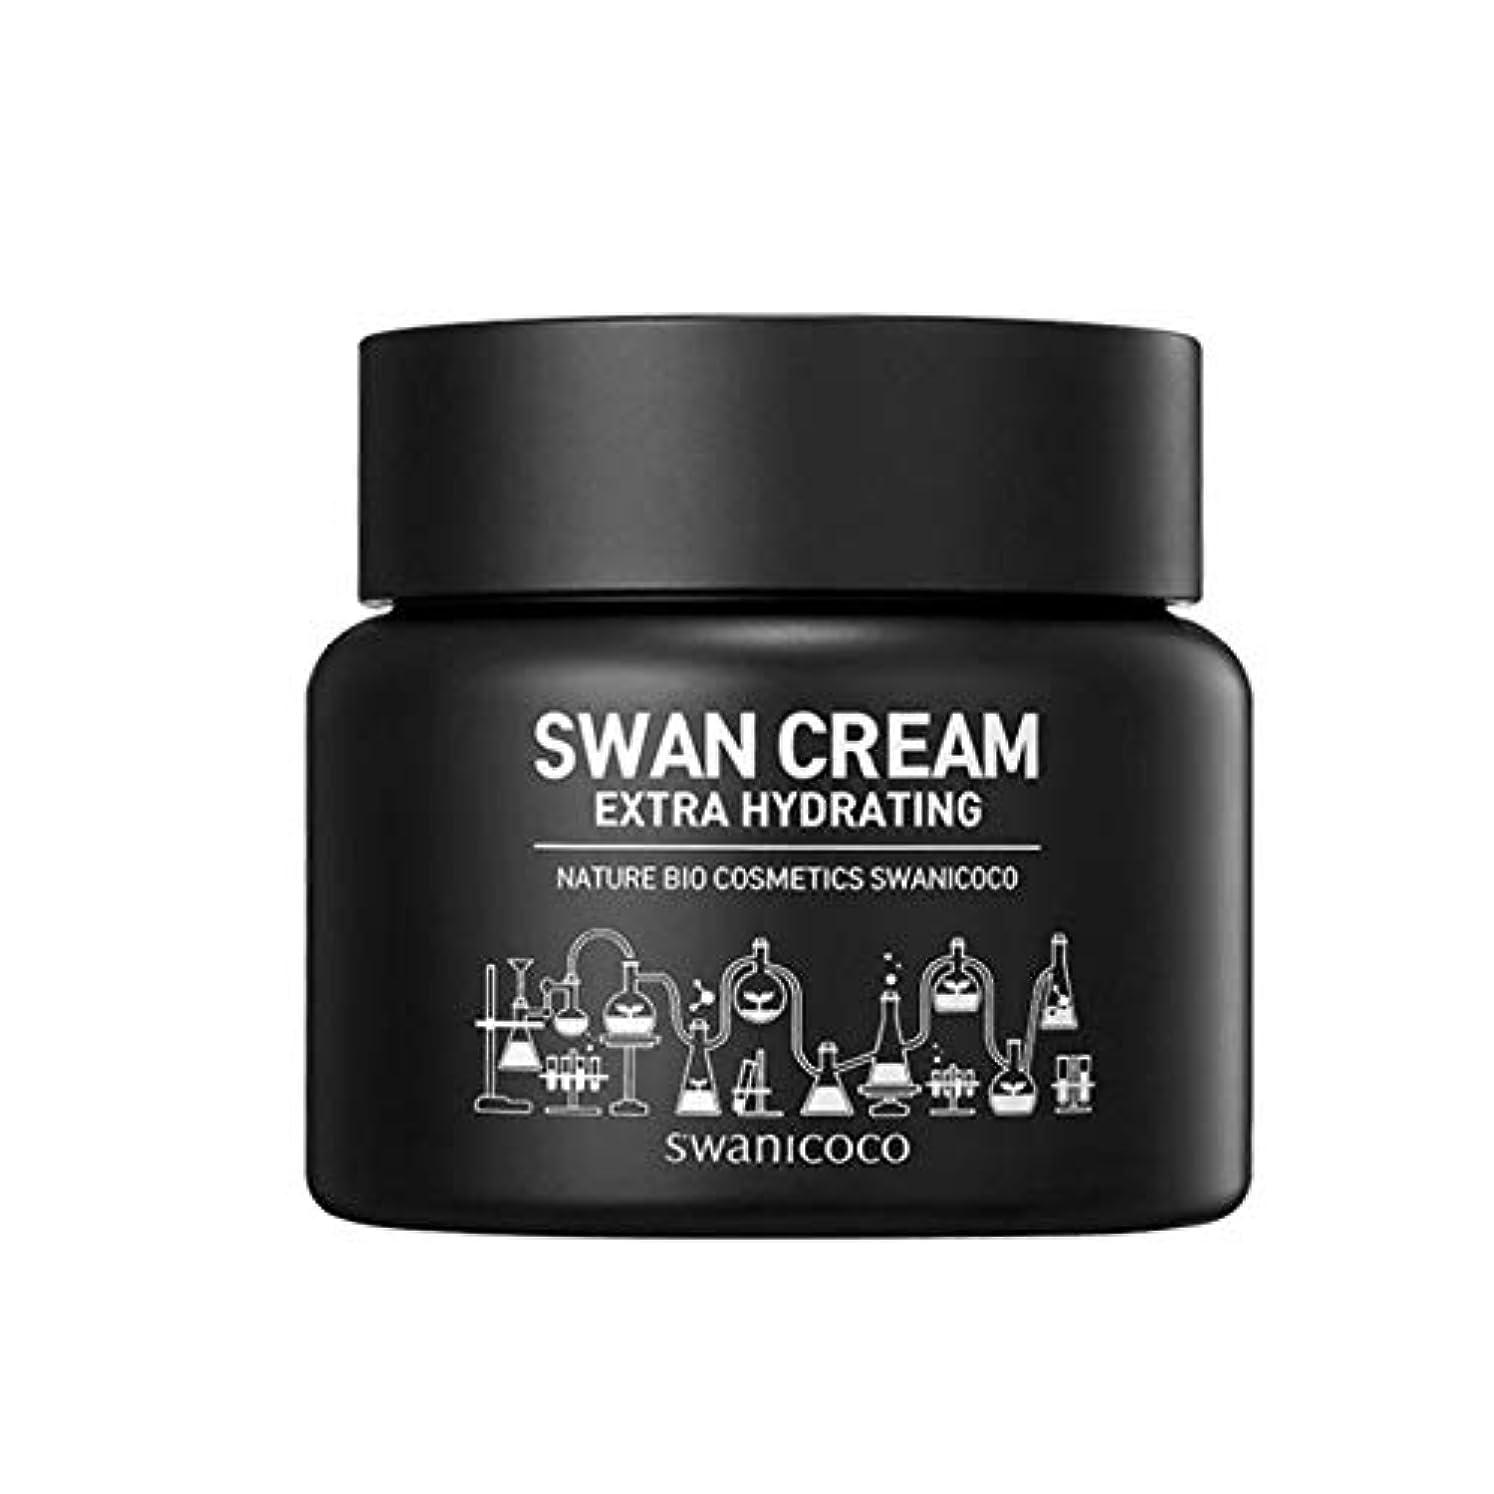 チョコレートロマンス公平スワニーココ天然水分白鳥クリームブラック50ml、Swanicoco Natural Water Swan Cream Black 50ml [並行輸入品]